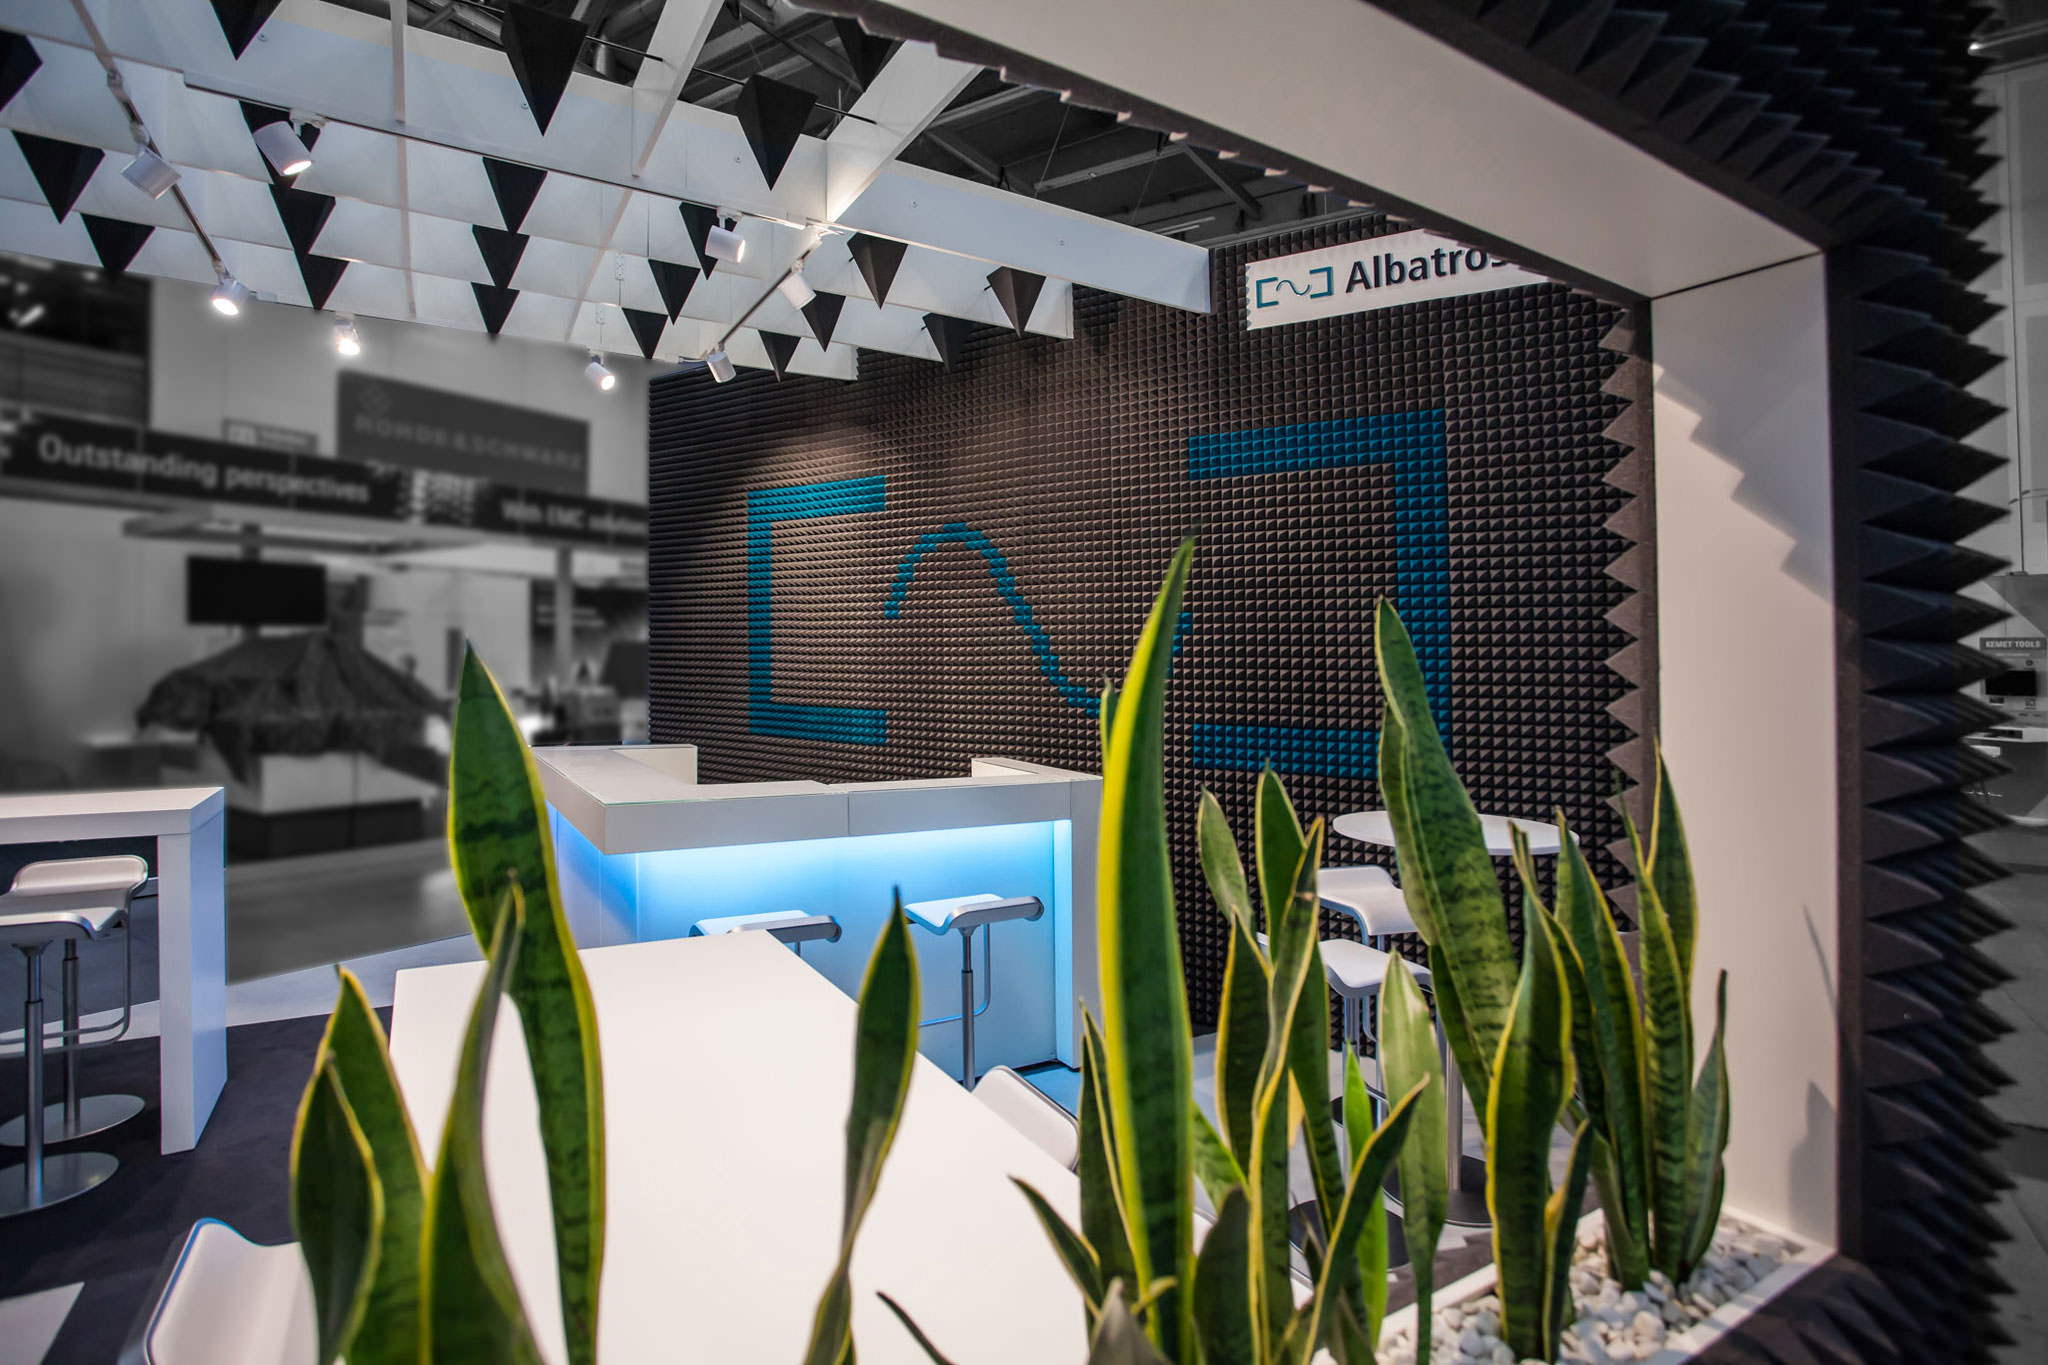 »Designing Business für Albatross Projects – Neuer Markenraumauftritt für die EMV 2017«